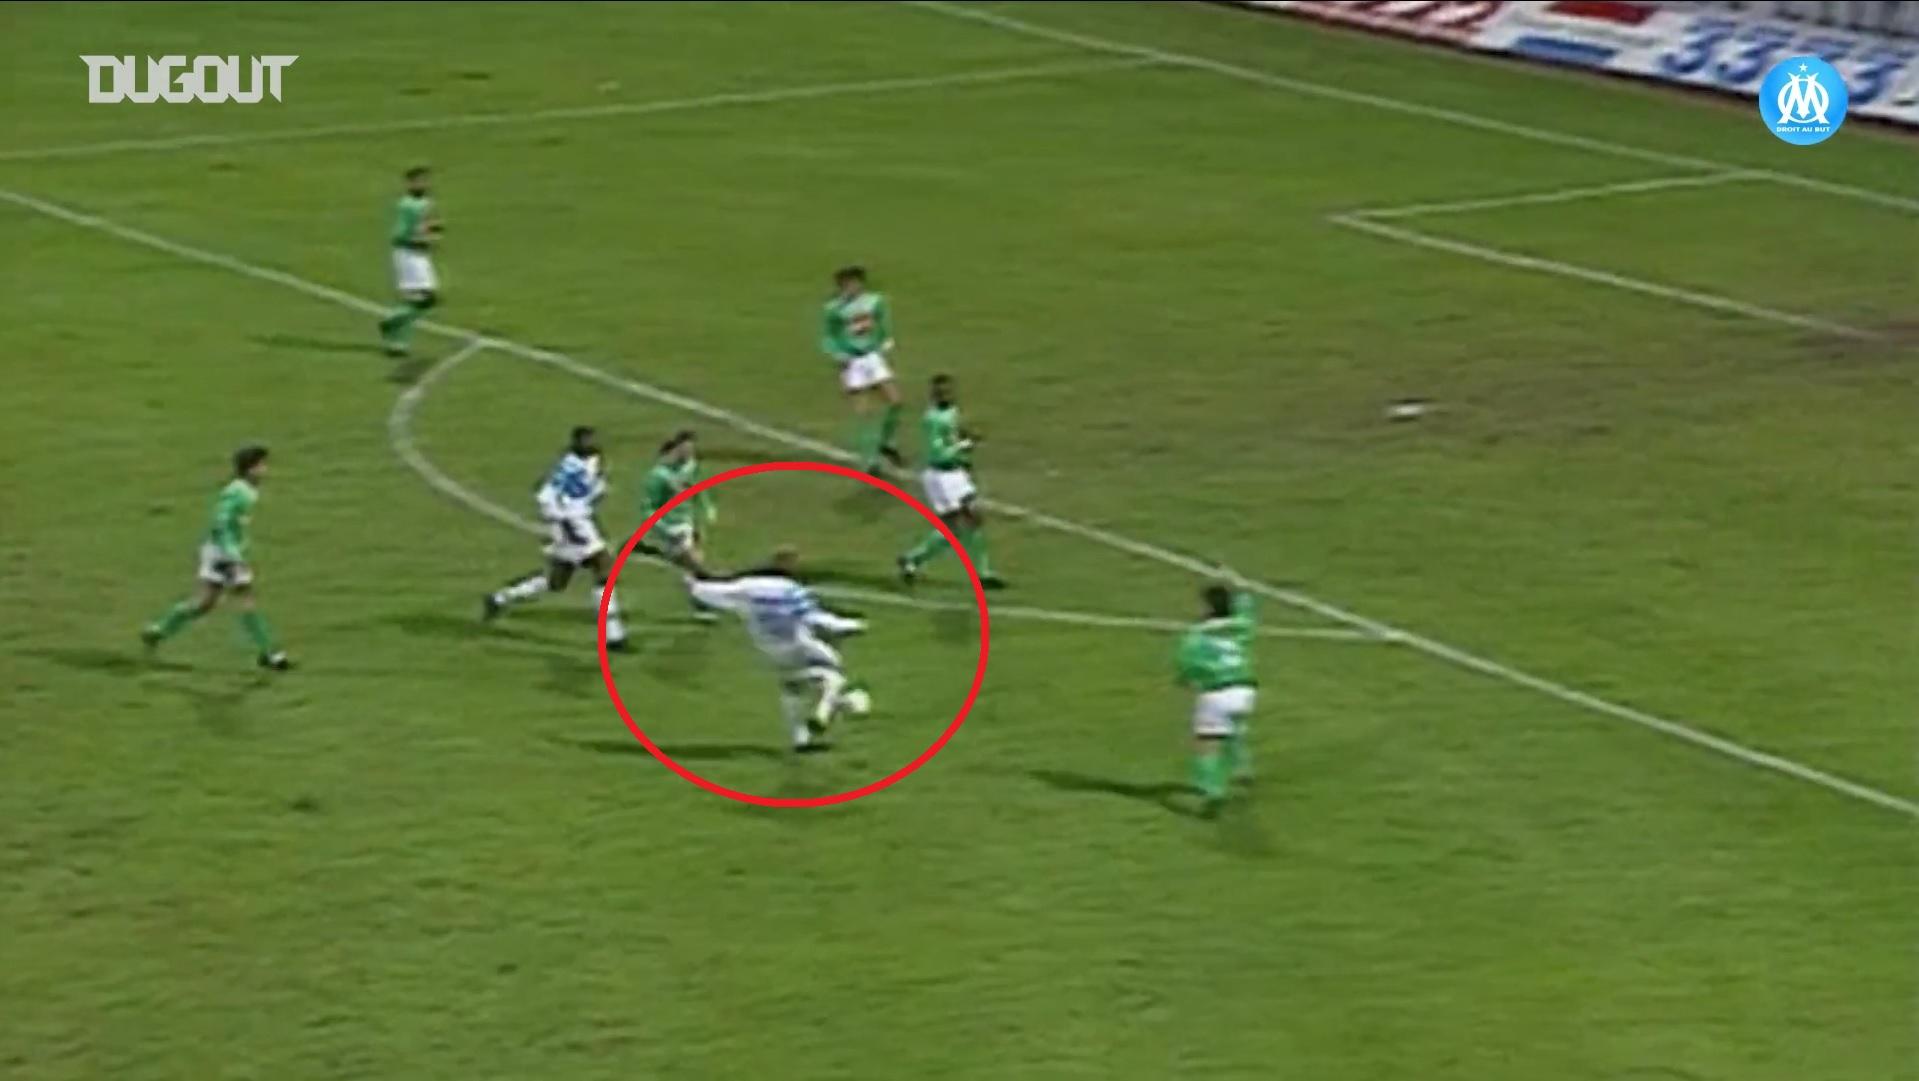 Football - Ligue 1 - Saint-Etienne - Marseille : quand Rudi Völler punissait les Verts d'une volée en 1993